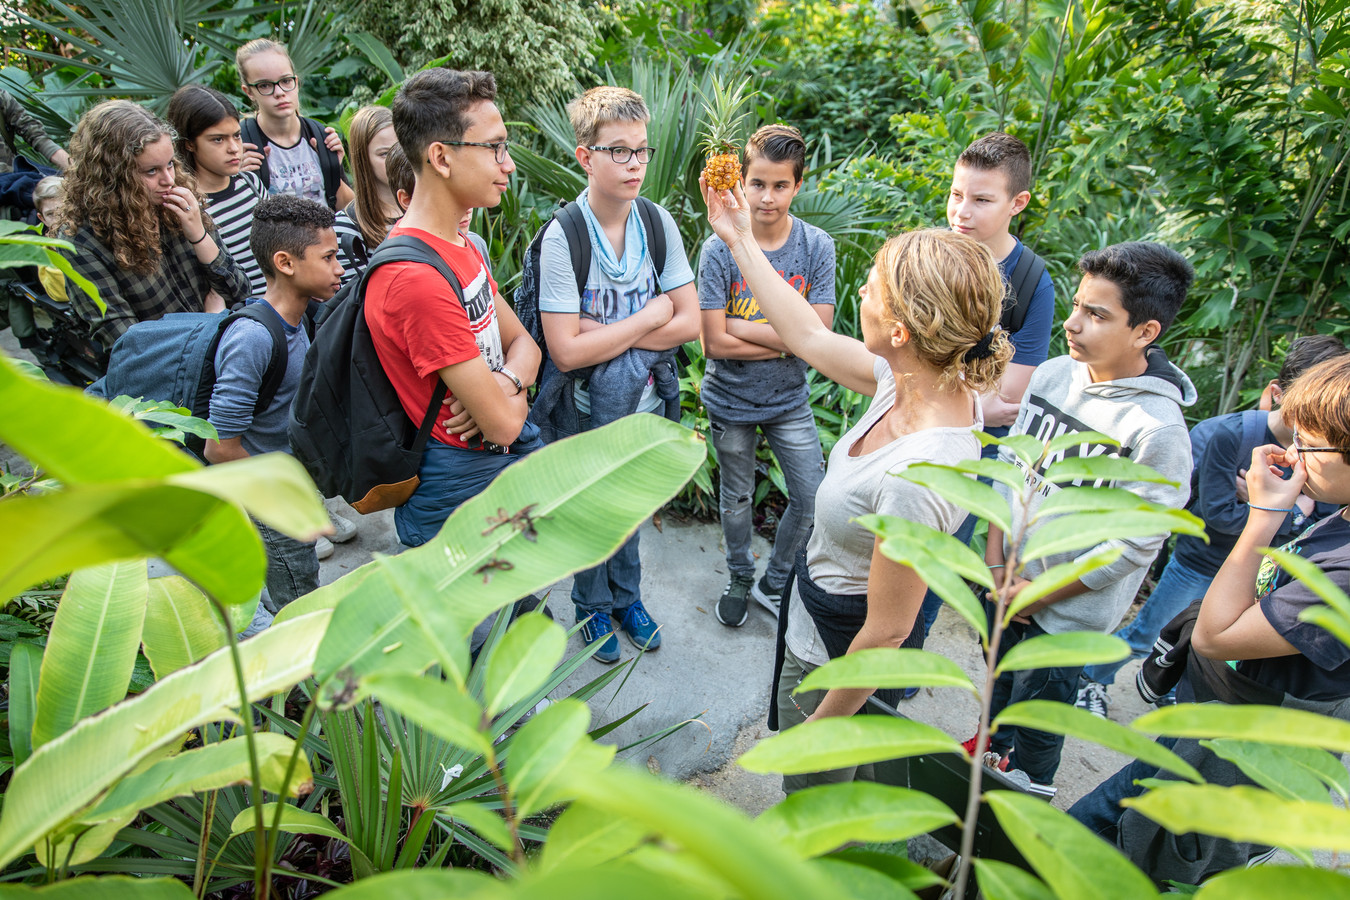 Brugklassers van het Goese Lyceum in het tropisch bos in Goes.